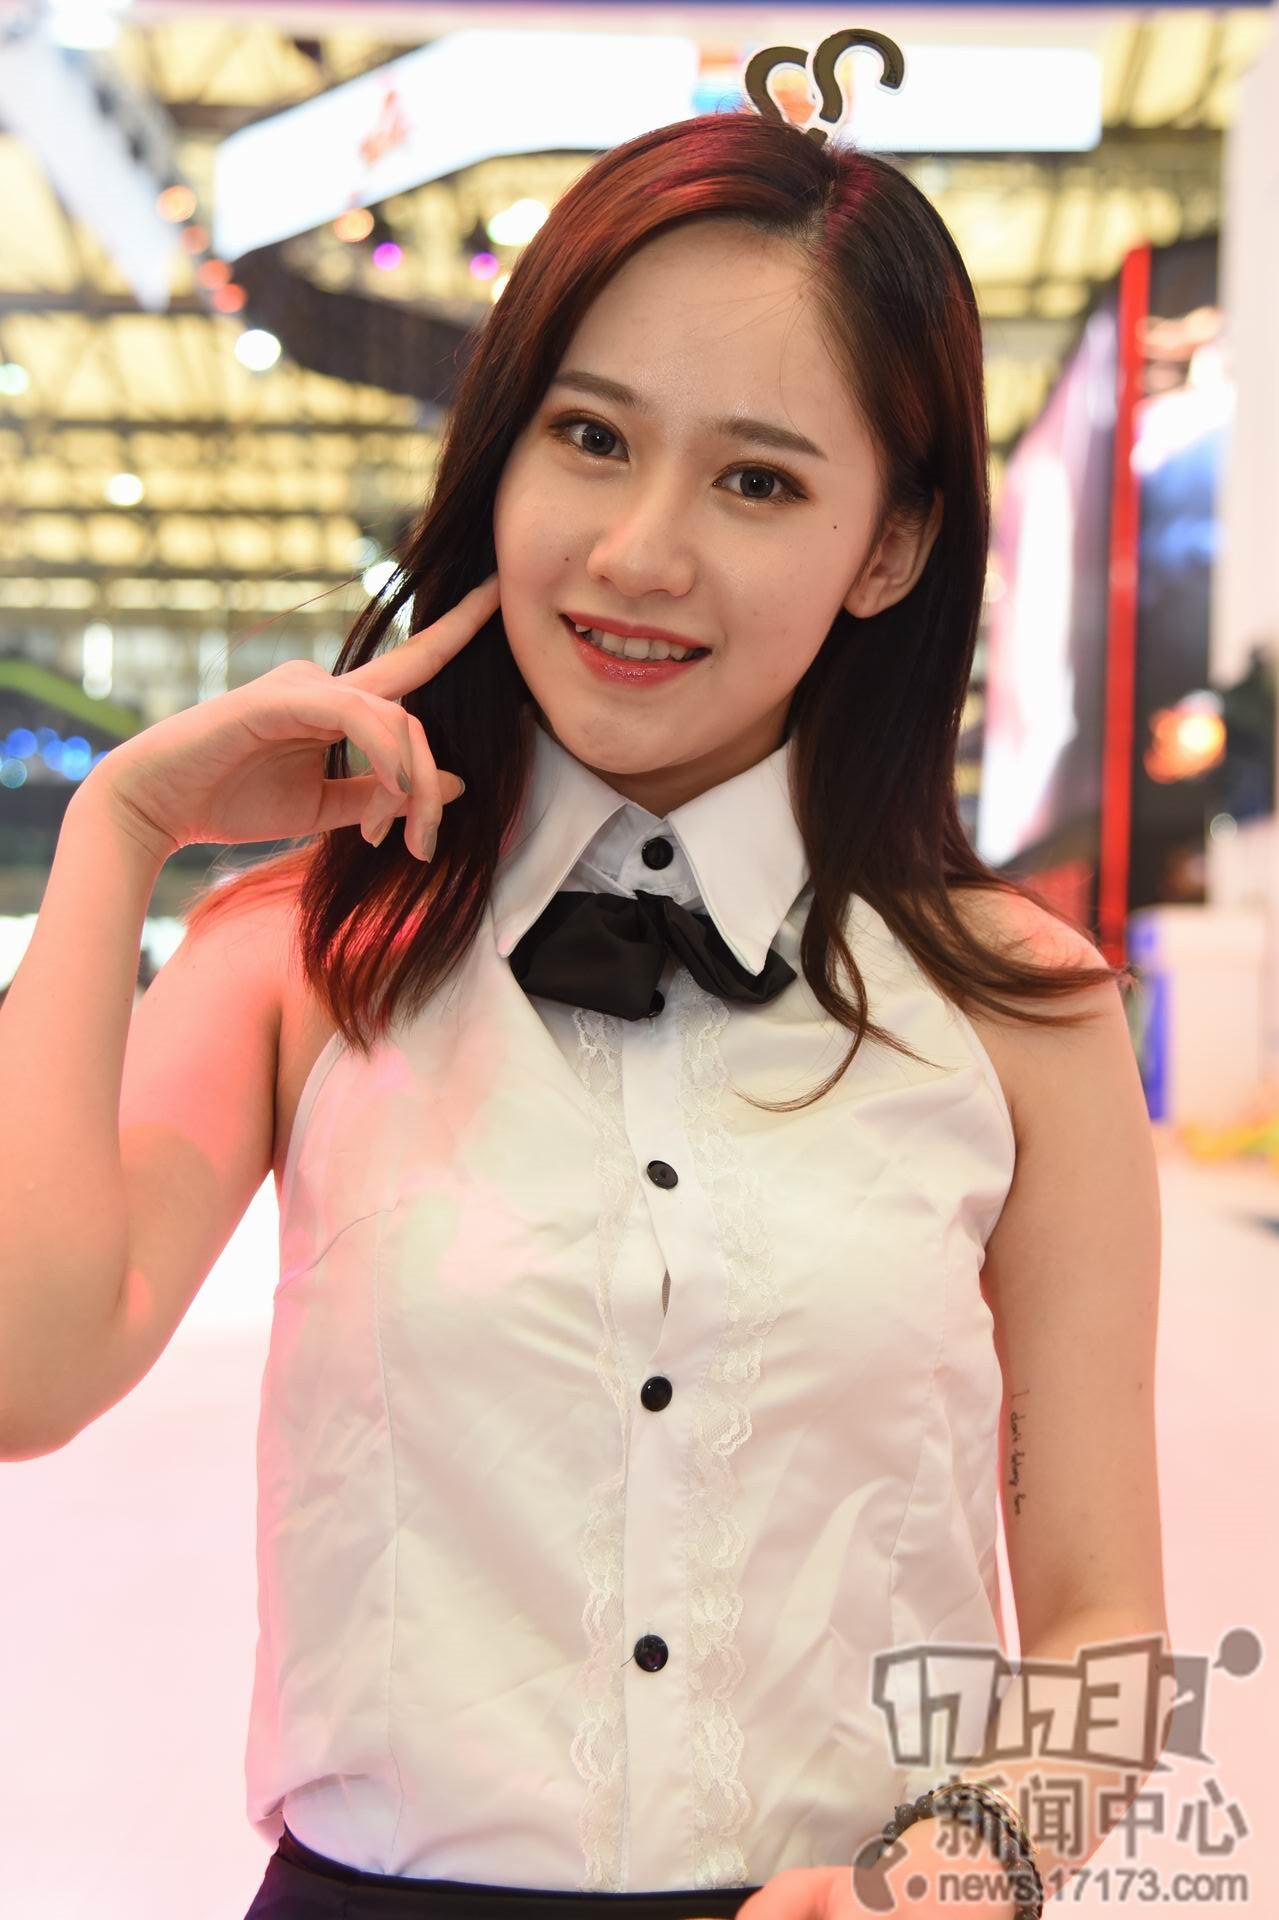 Chiêm ngưỡng loạt showgirl cực quyến rũ tại ChinaJoy 2016 - Ảnh _48